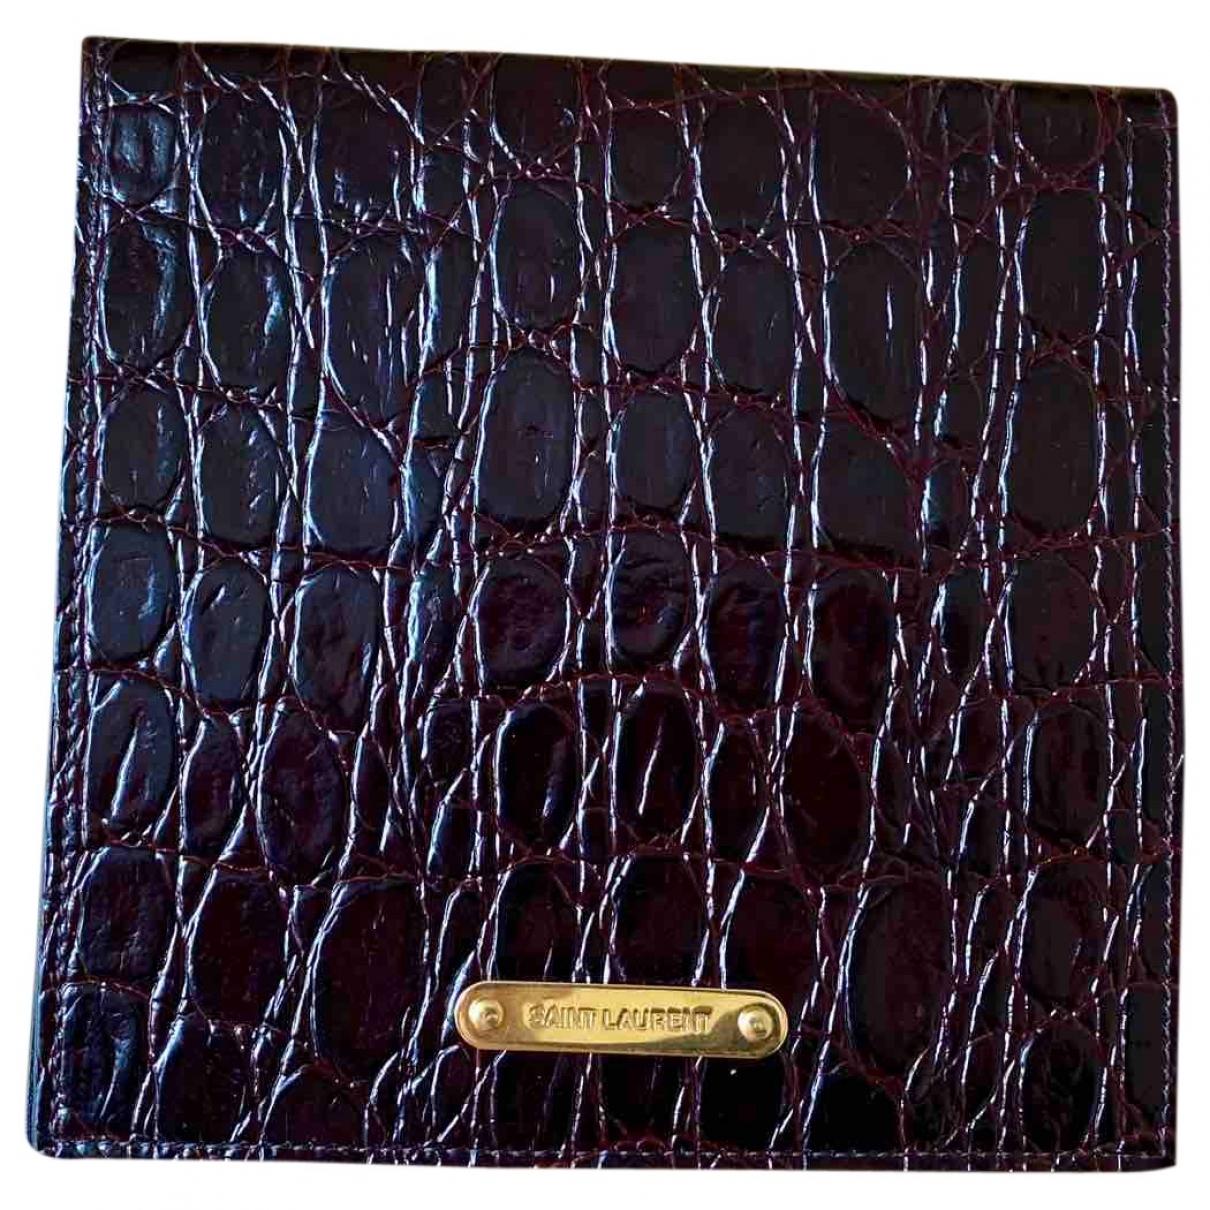 Saint Laurent \N Burgundy Crocodile Purses, wallet & cases for Women \N